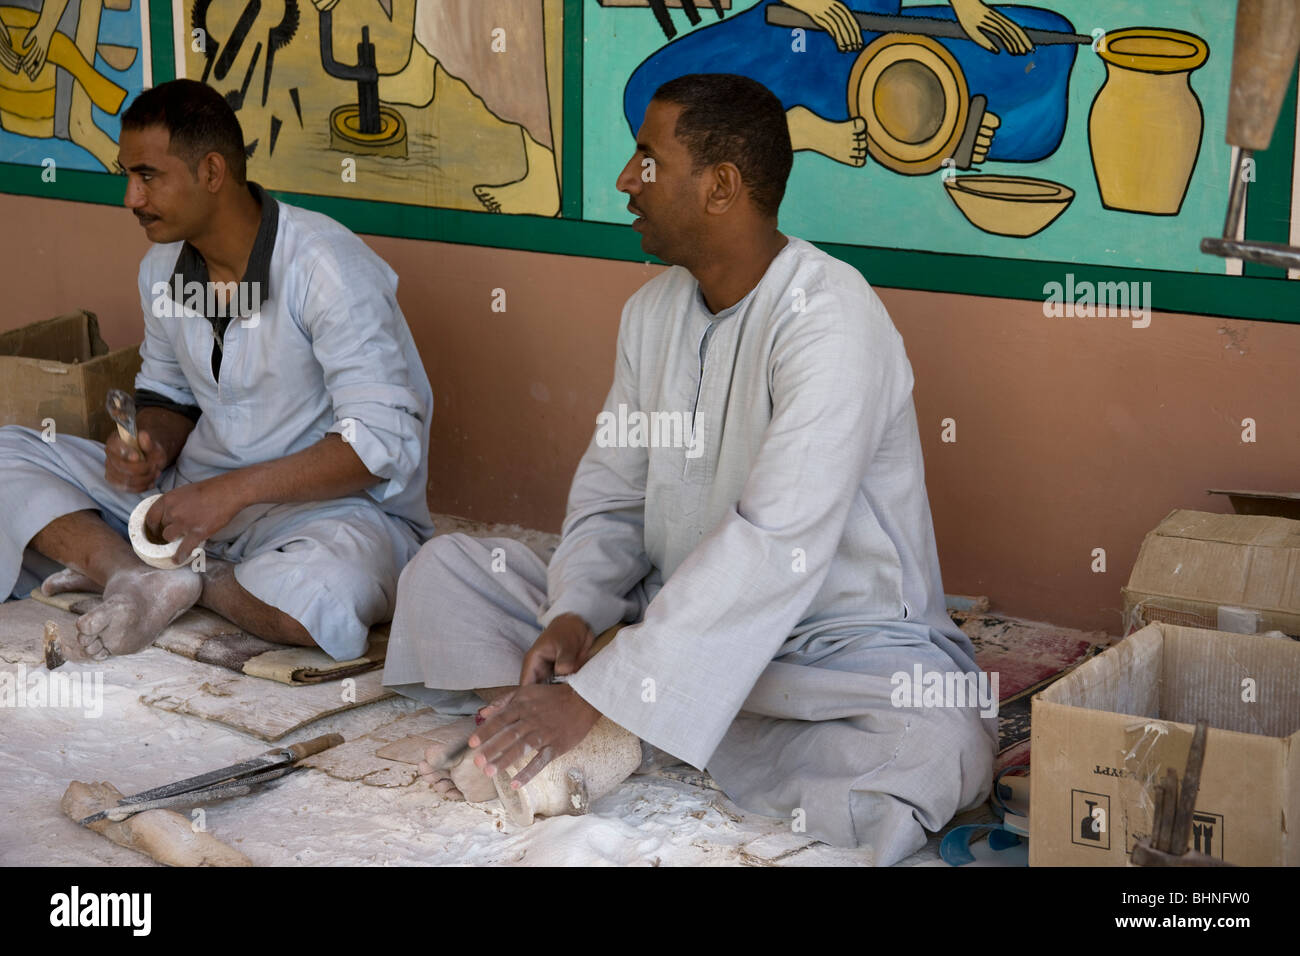 Craftsmen working, refining  alabaster vases outside a shop. - Stock Image